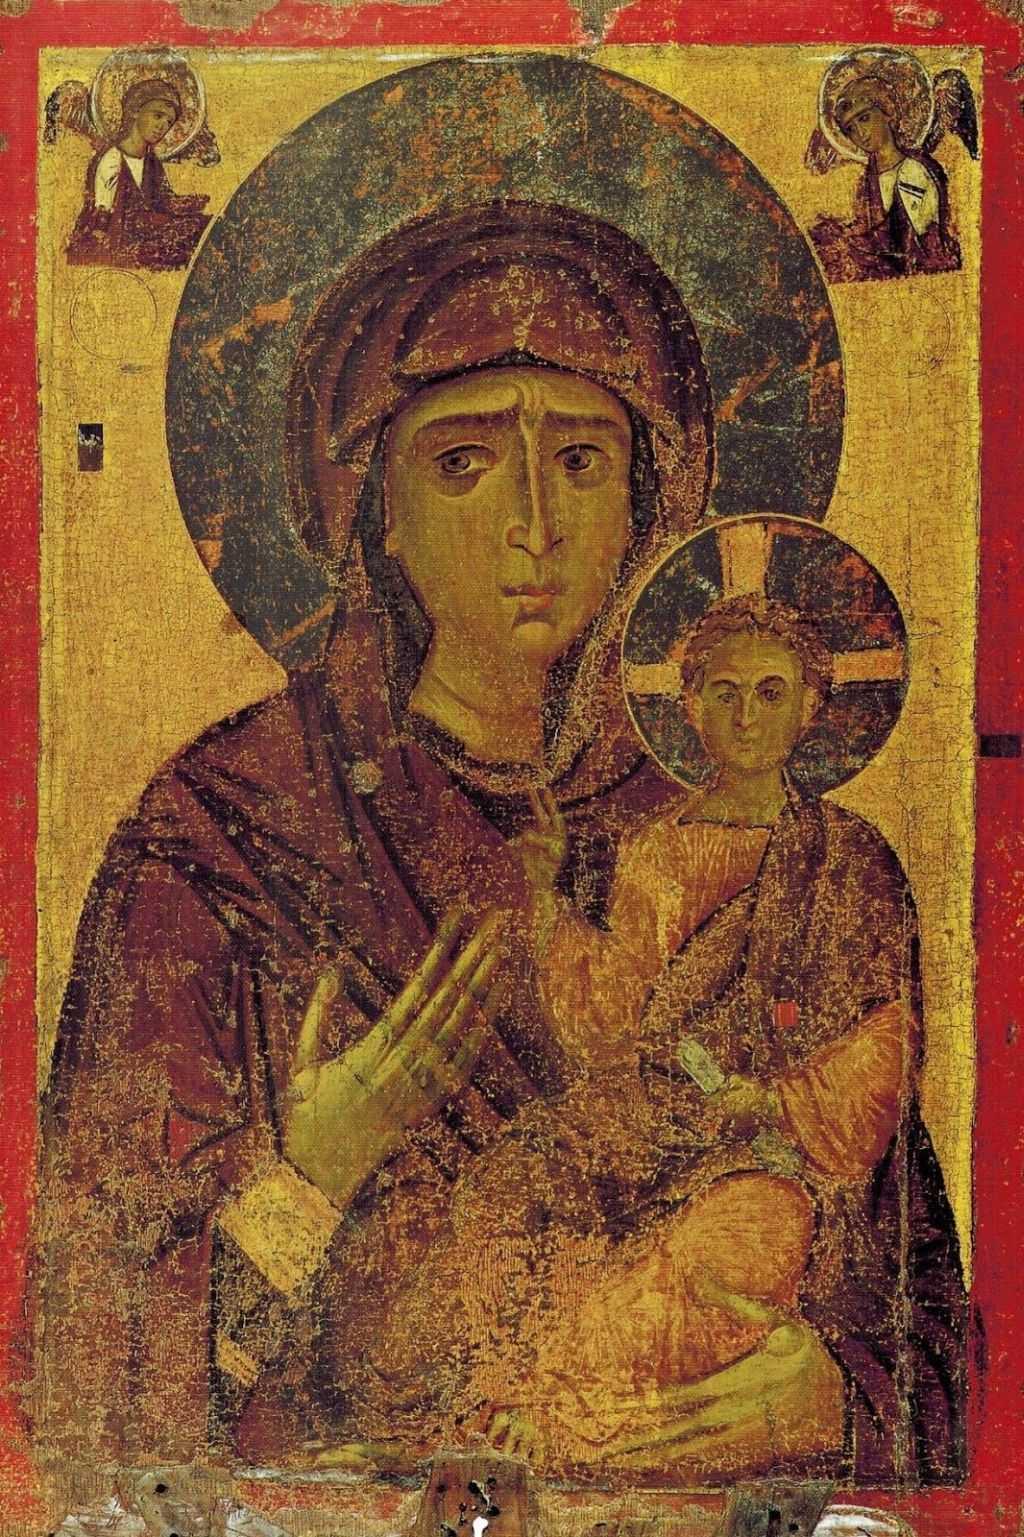 """PARINTELE ARSENIE PAPACIOC: <i>""""Maica Domnului e suparata pe aceia care nu-i cer nimic""""</i>"""